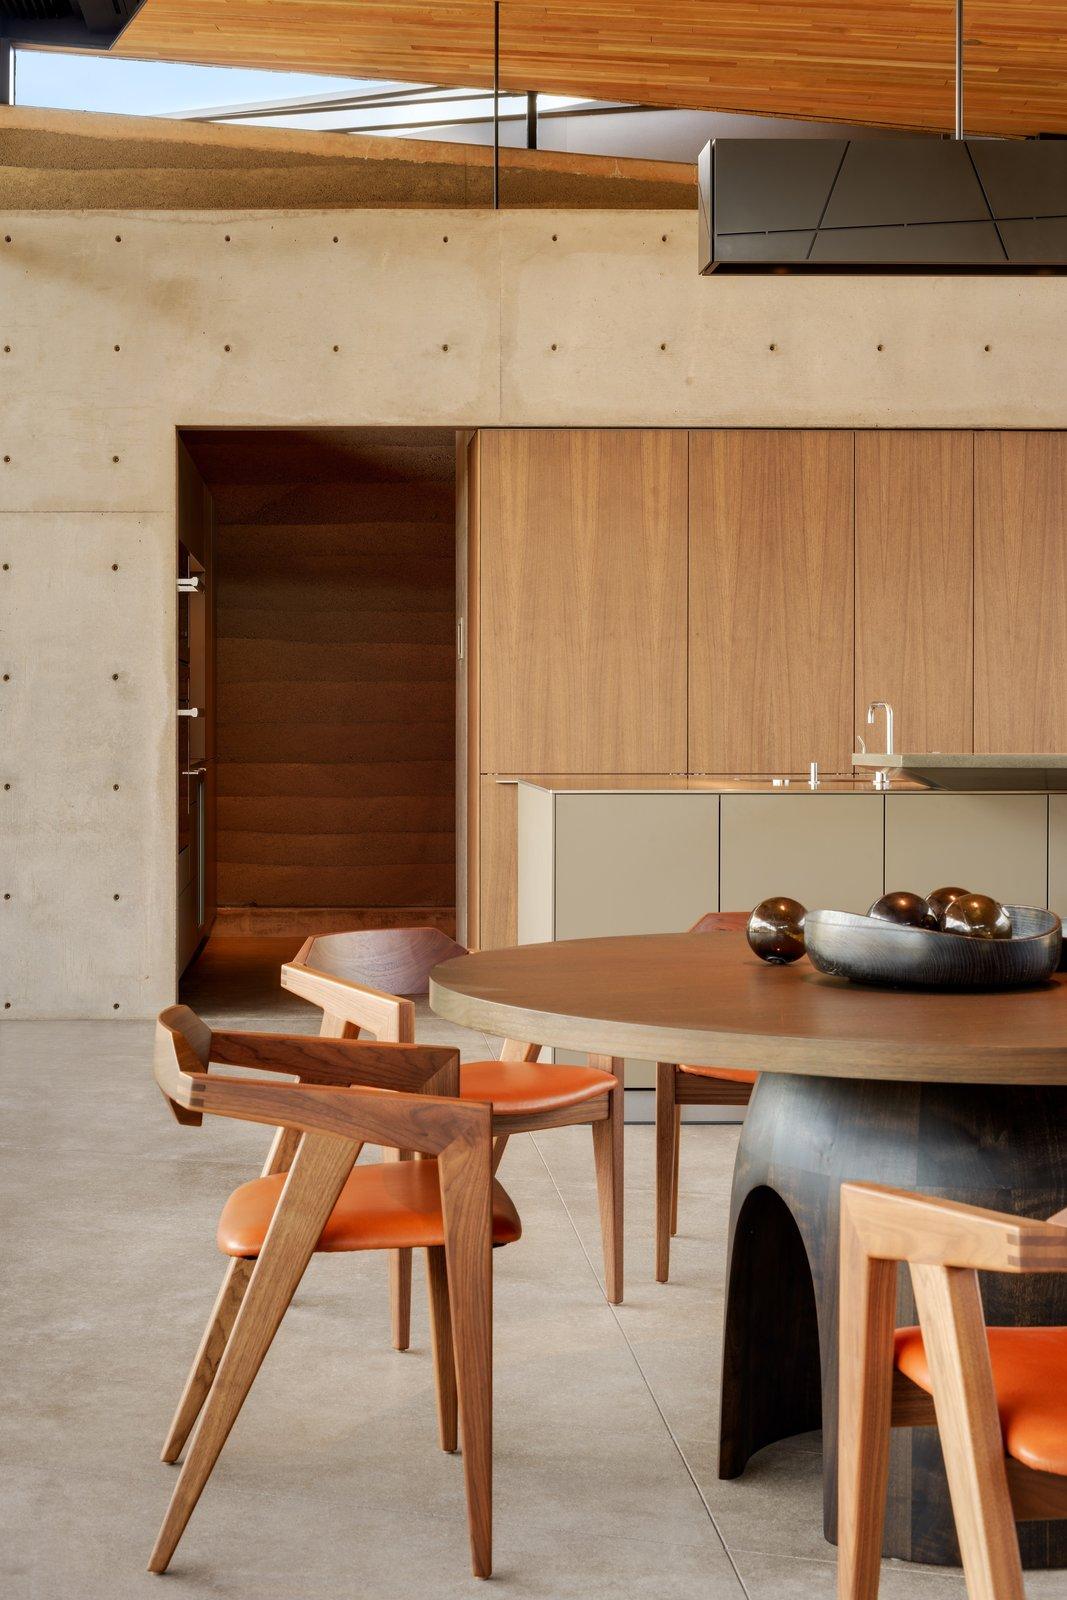 Dancing Light House concrete kitchen